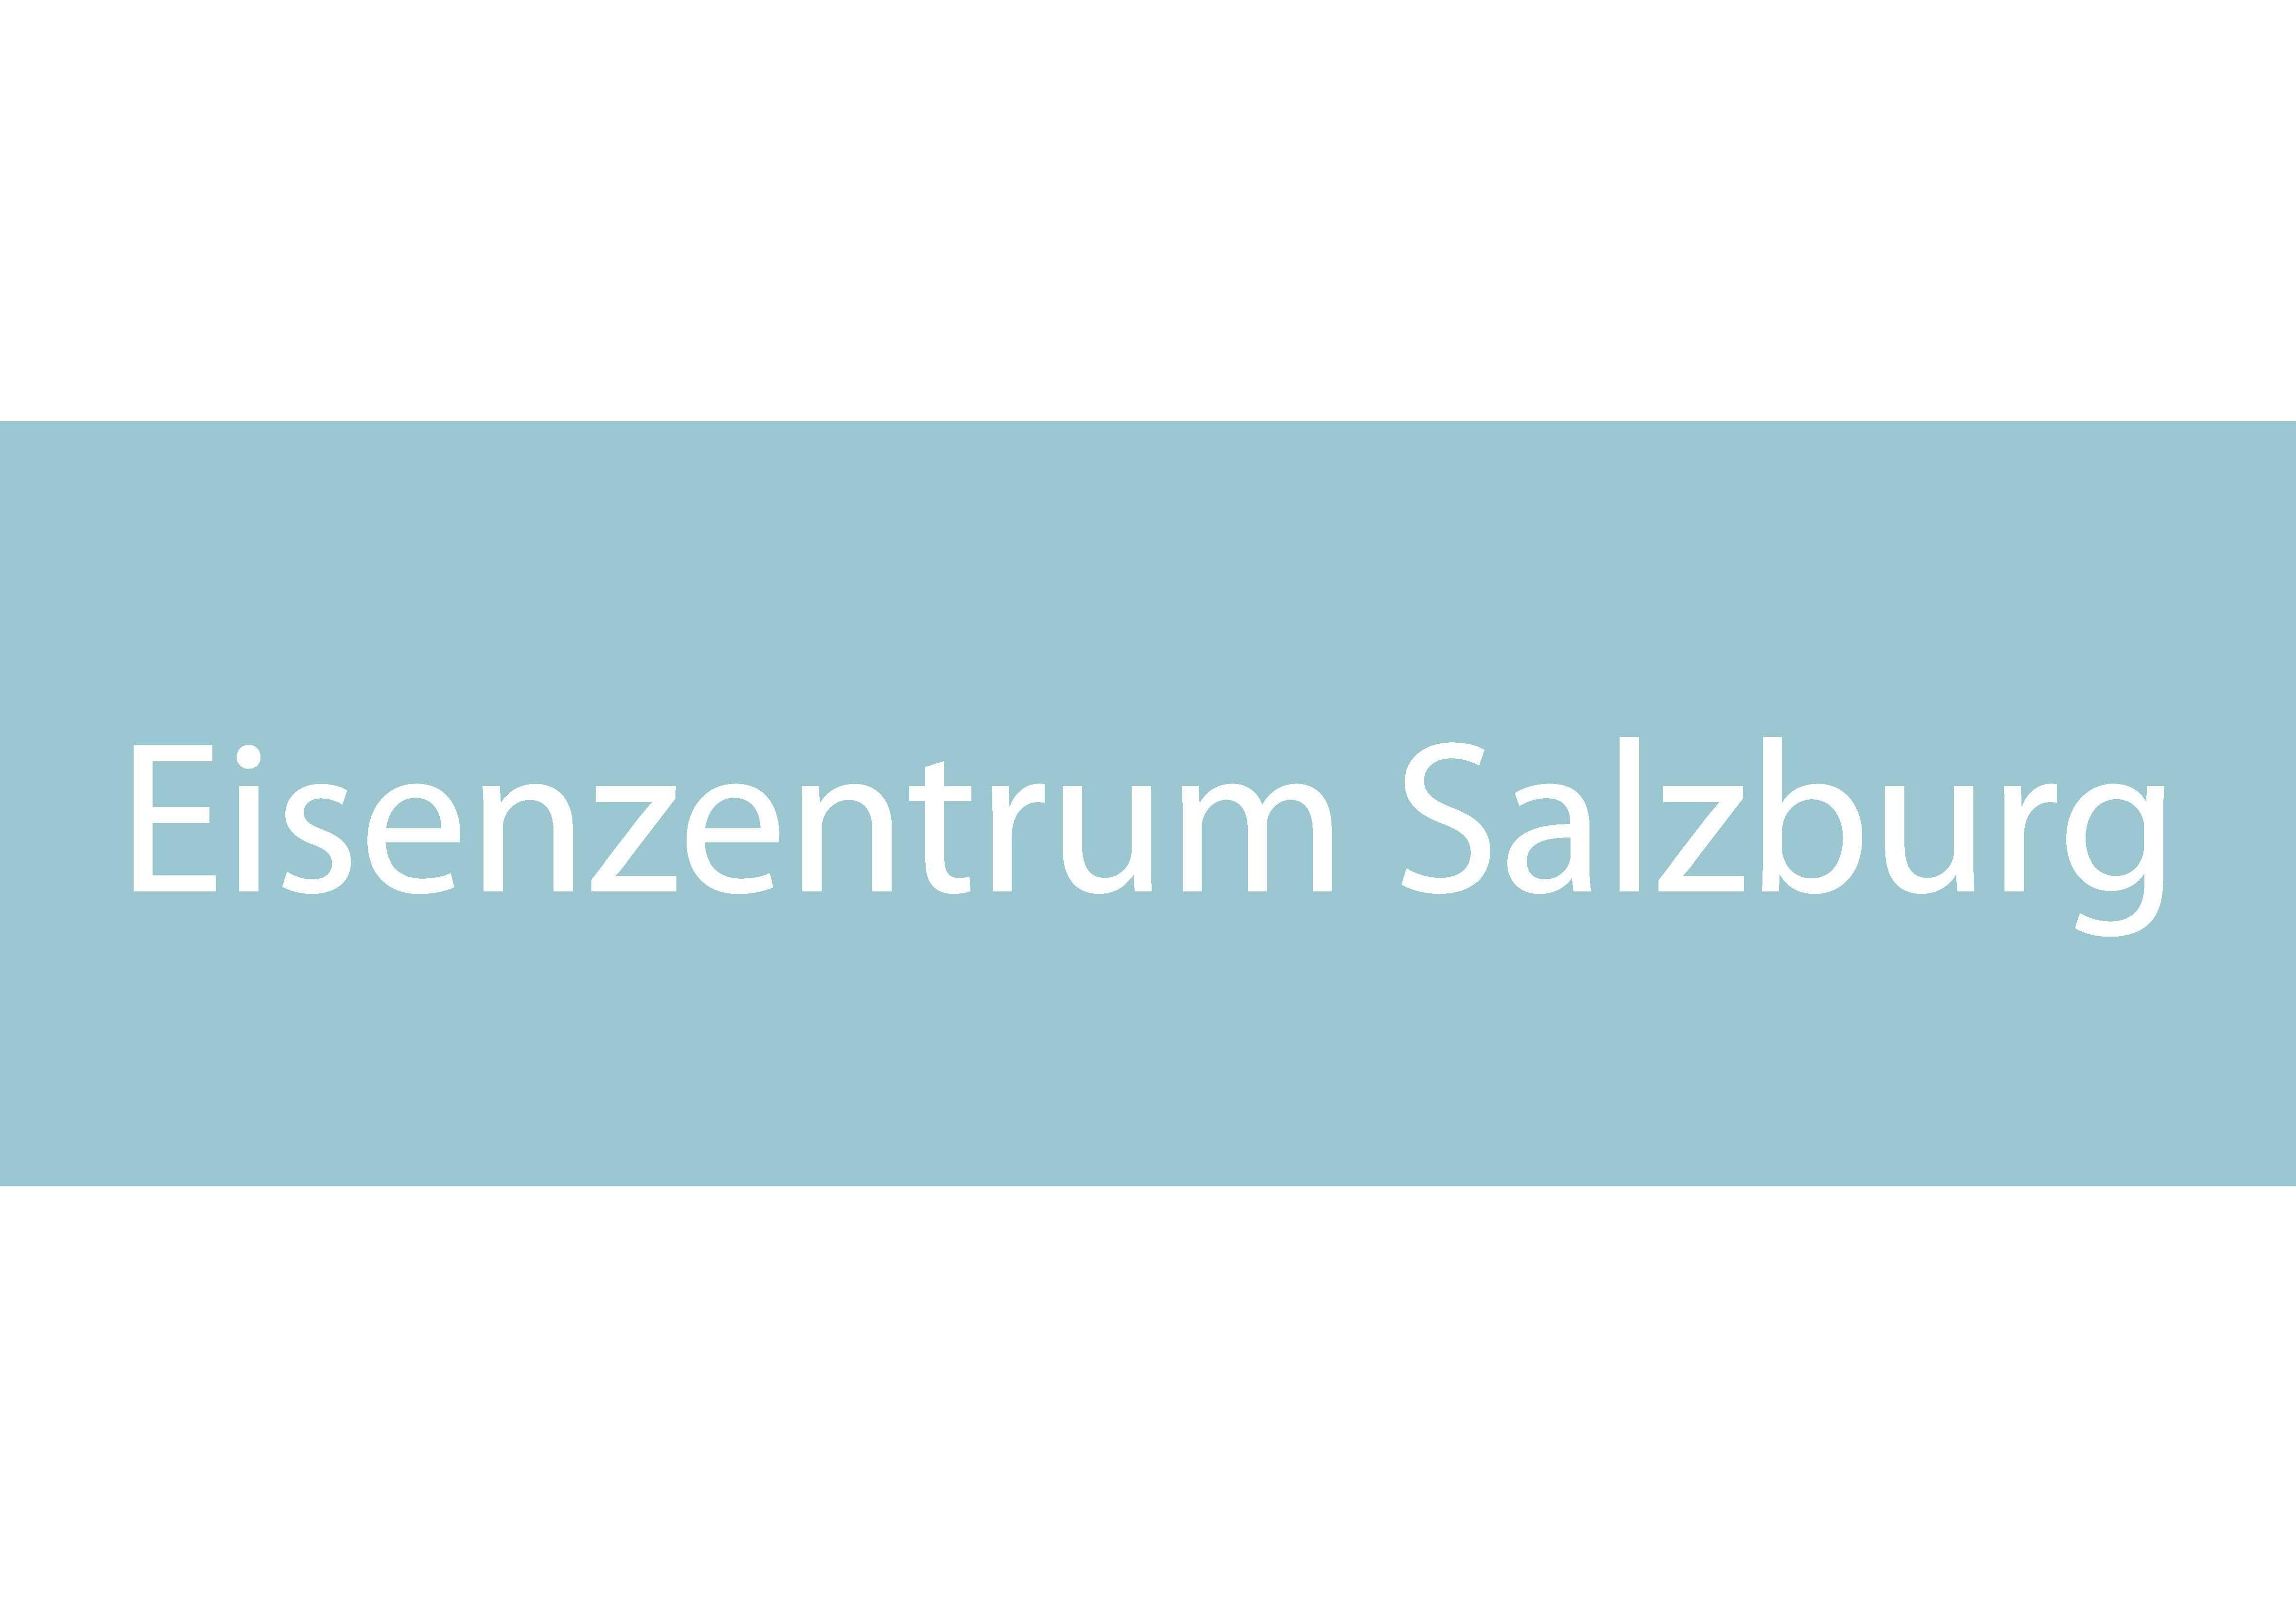 Eisenexperte Dr. Darius Chovghi, Salzburg, Allgemeinmedizin, Ernährungsmedizin, FX Mayr, Ganzheitsmedizin